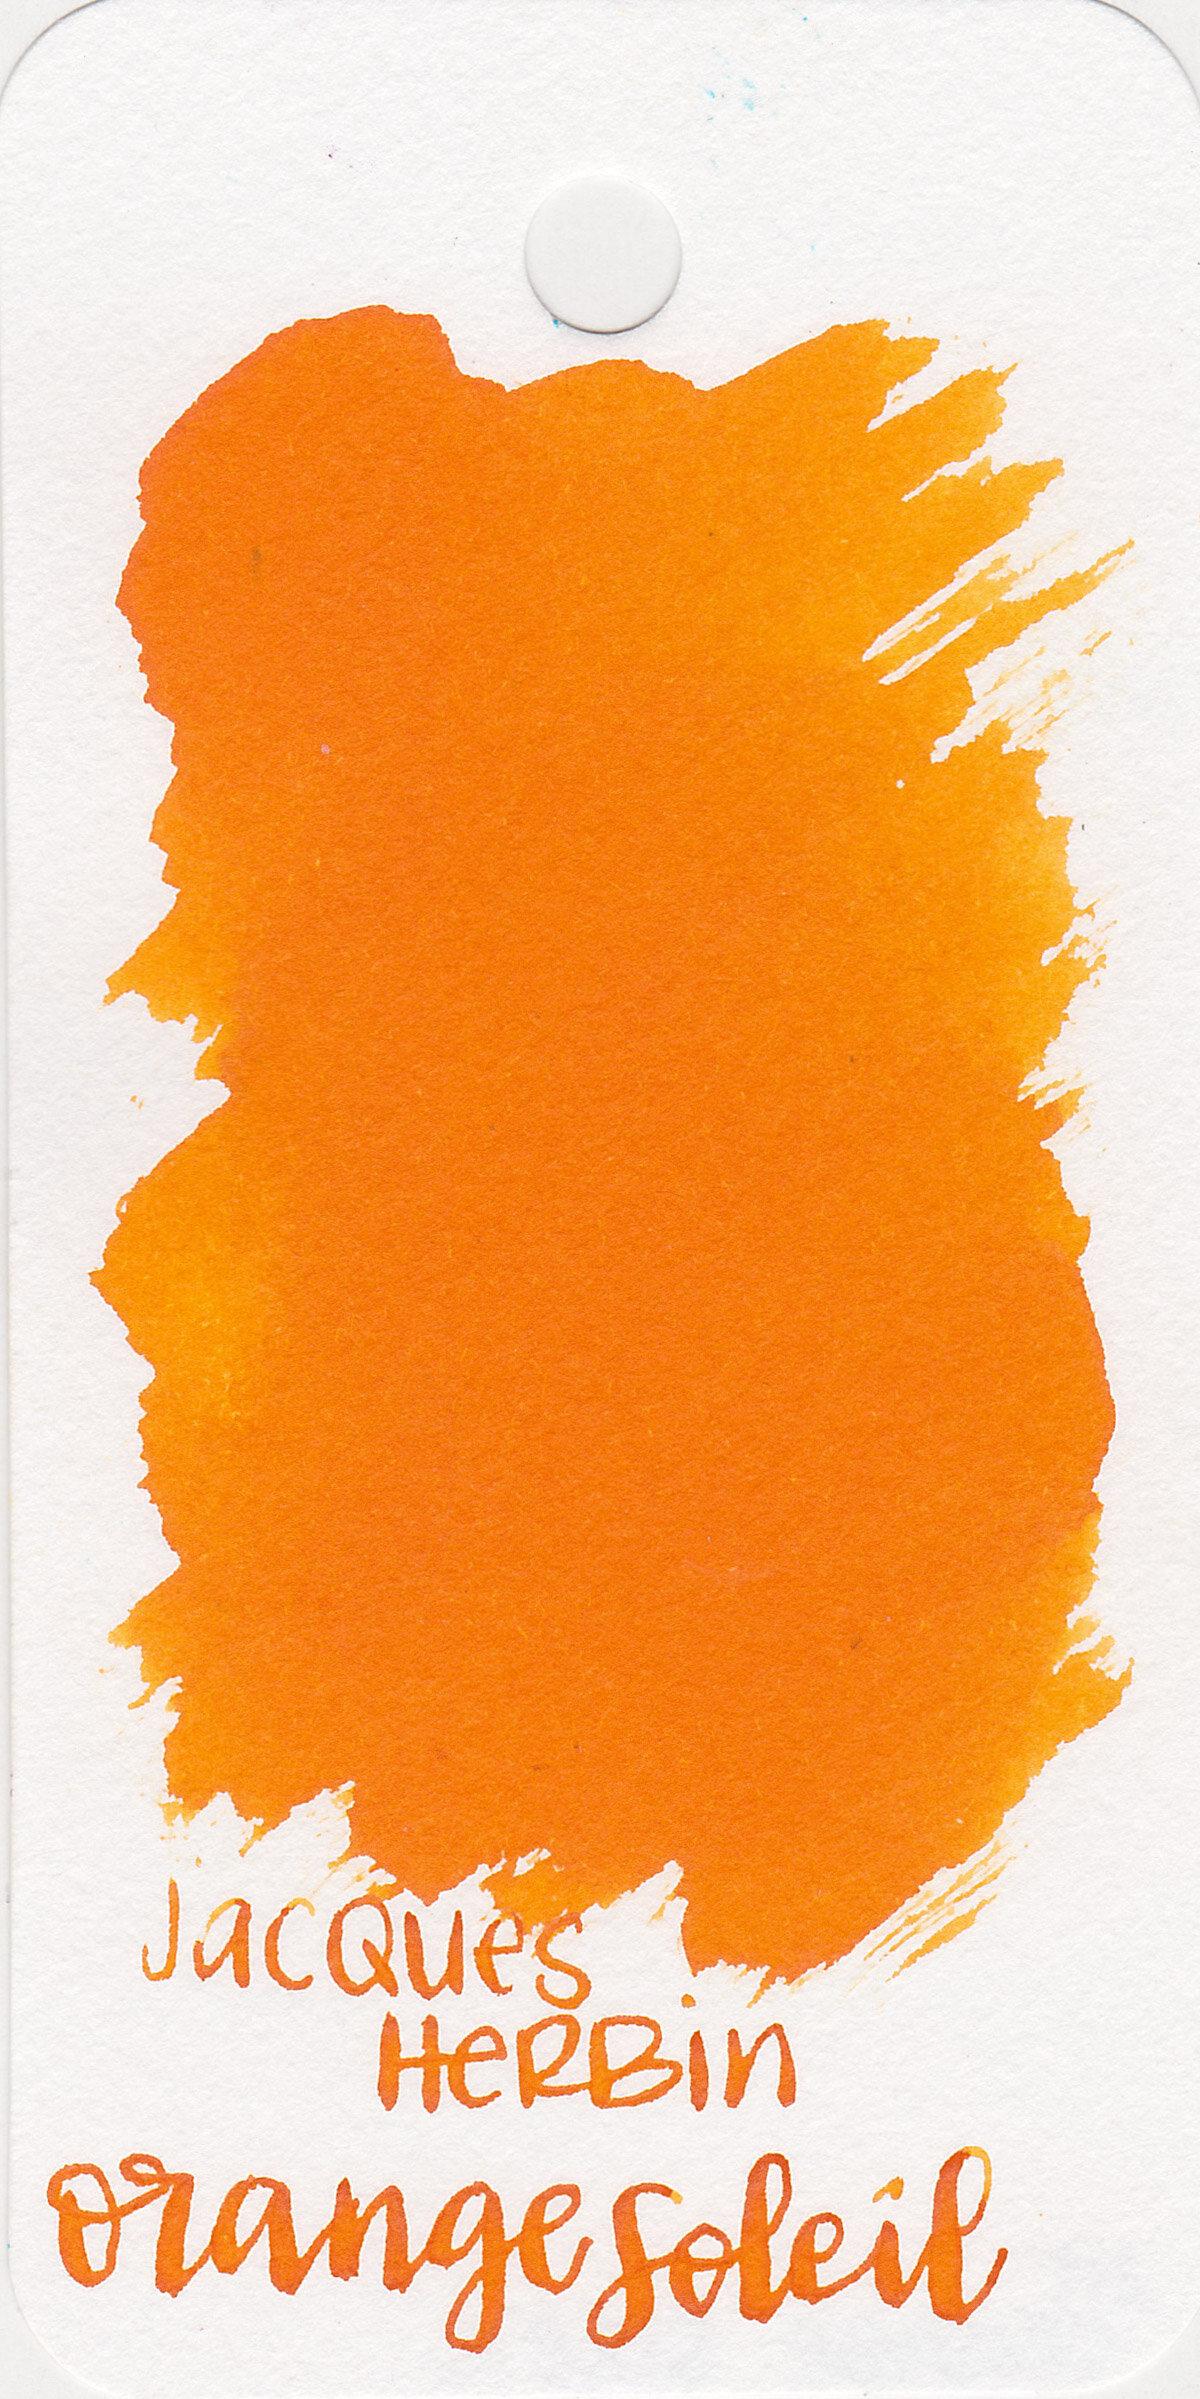 jh-orange-soleil-1.jpg